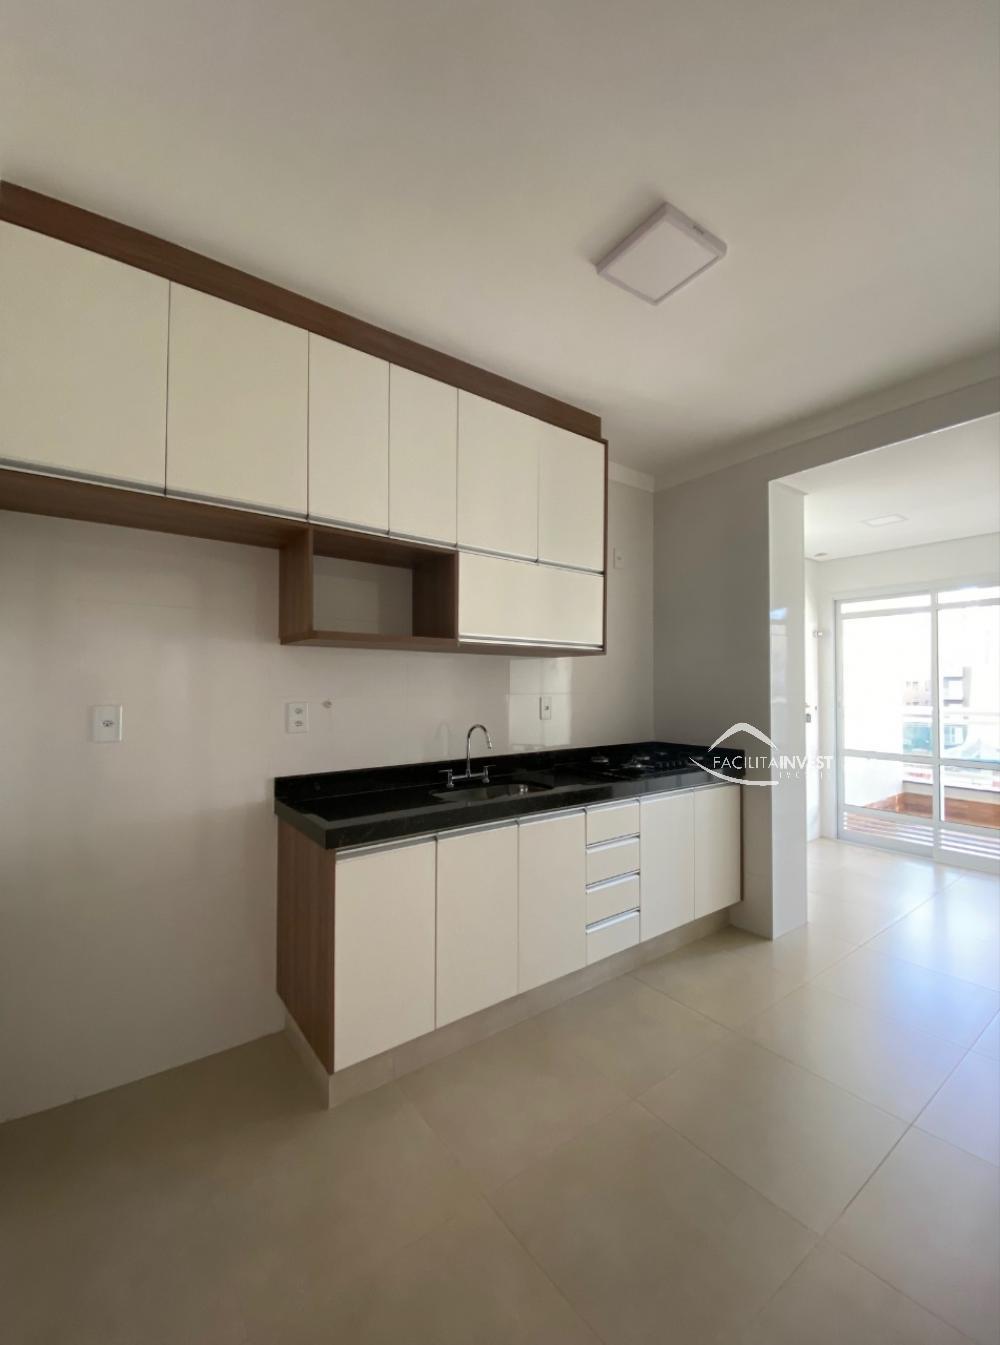 Alugar Apartamentos / Apart. Padrão em Ribeirão Preto R$ 2.750,00 - Foto 13